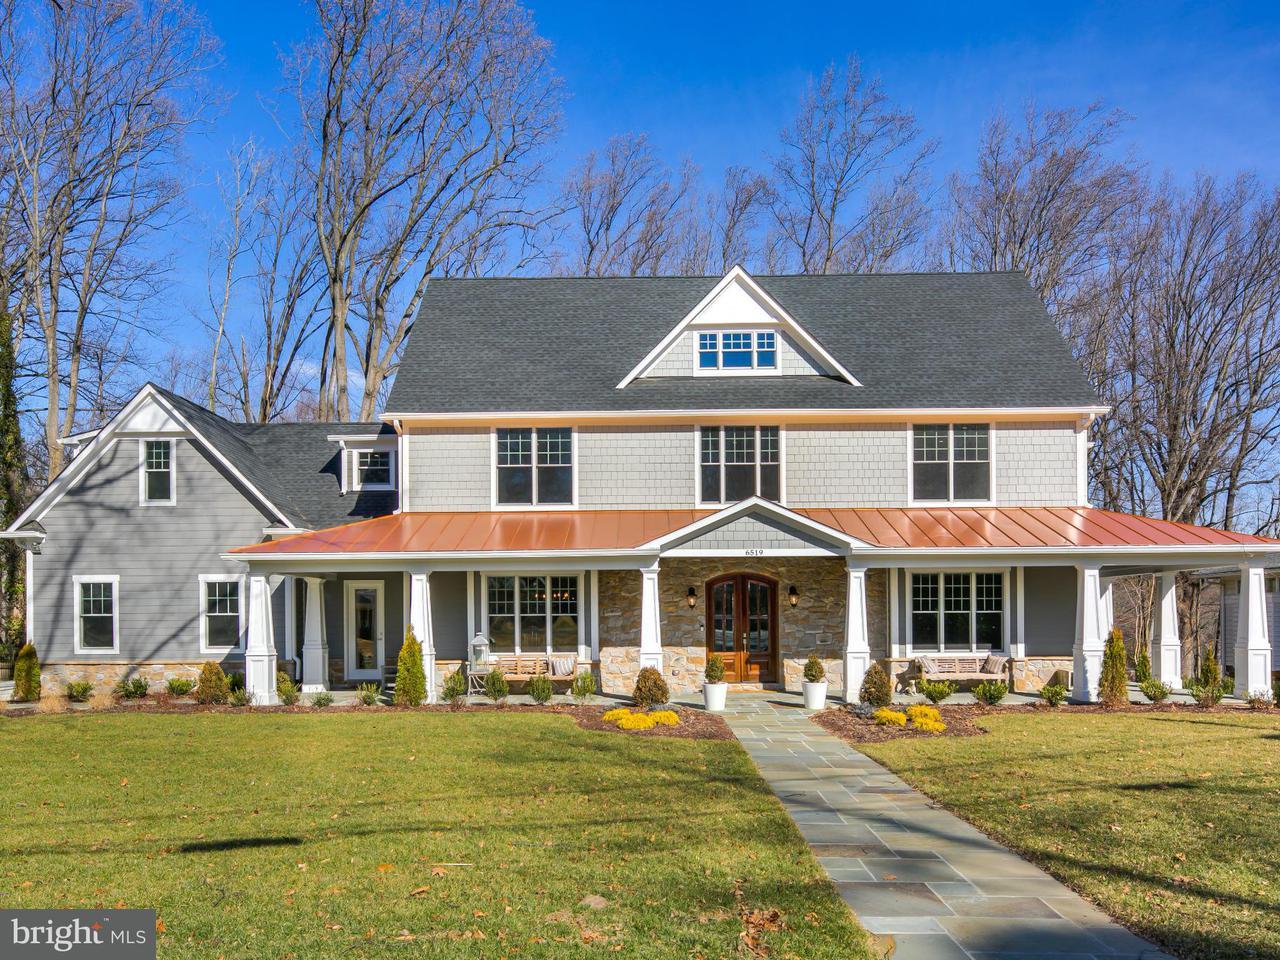 Частный односемейный дом для того Продажа на 6519 OLD FARM Lane 6519 OLD FARM Lane North Bethesda, Мэриленд 20852 Соединенные Штаты